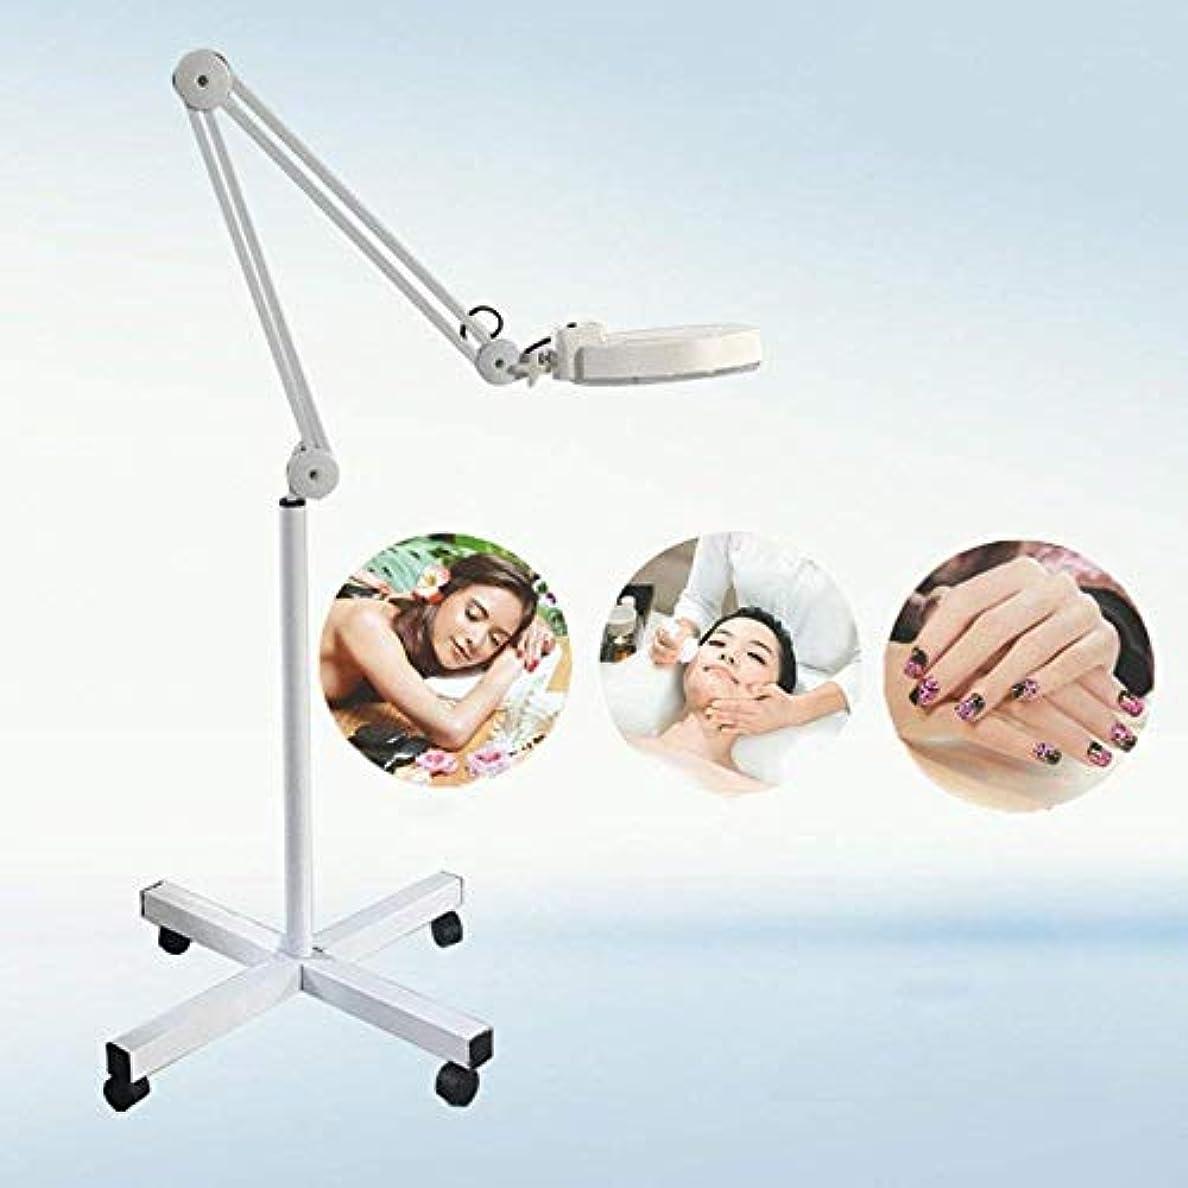 干渉野心現実には8X拡大ランプ、スキンケア美容ネイルマニキュアタトゥーサロン用の4つのスイベルキャスター付きの床置き拡大鏡ランプライト,White